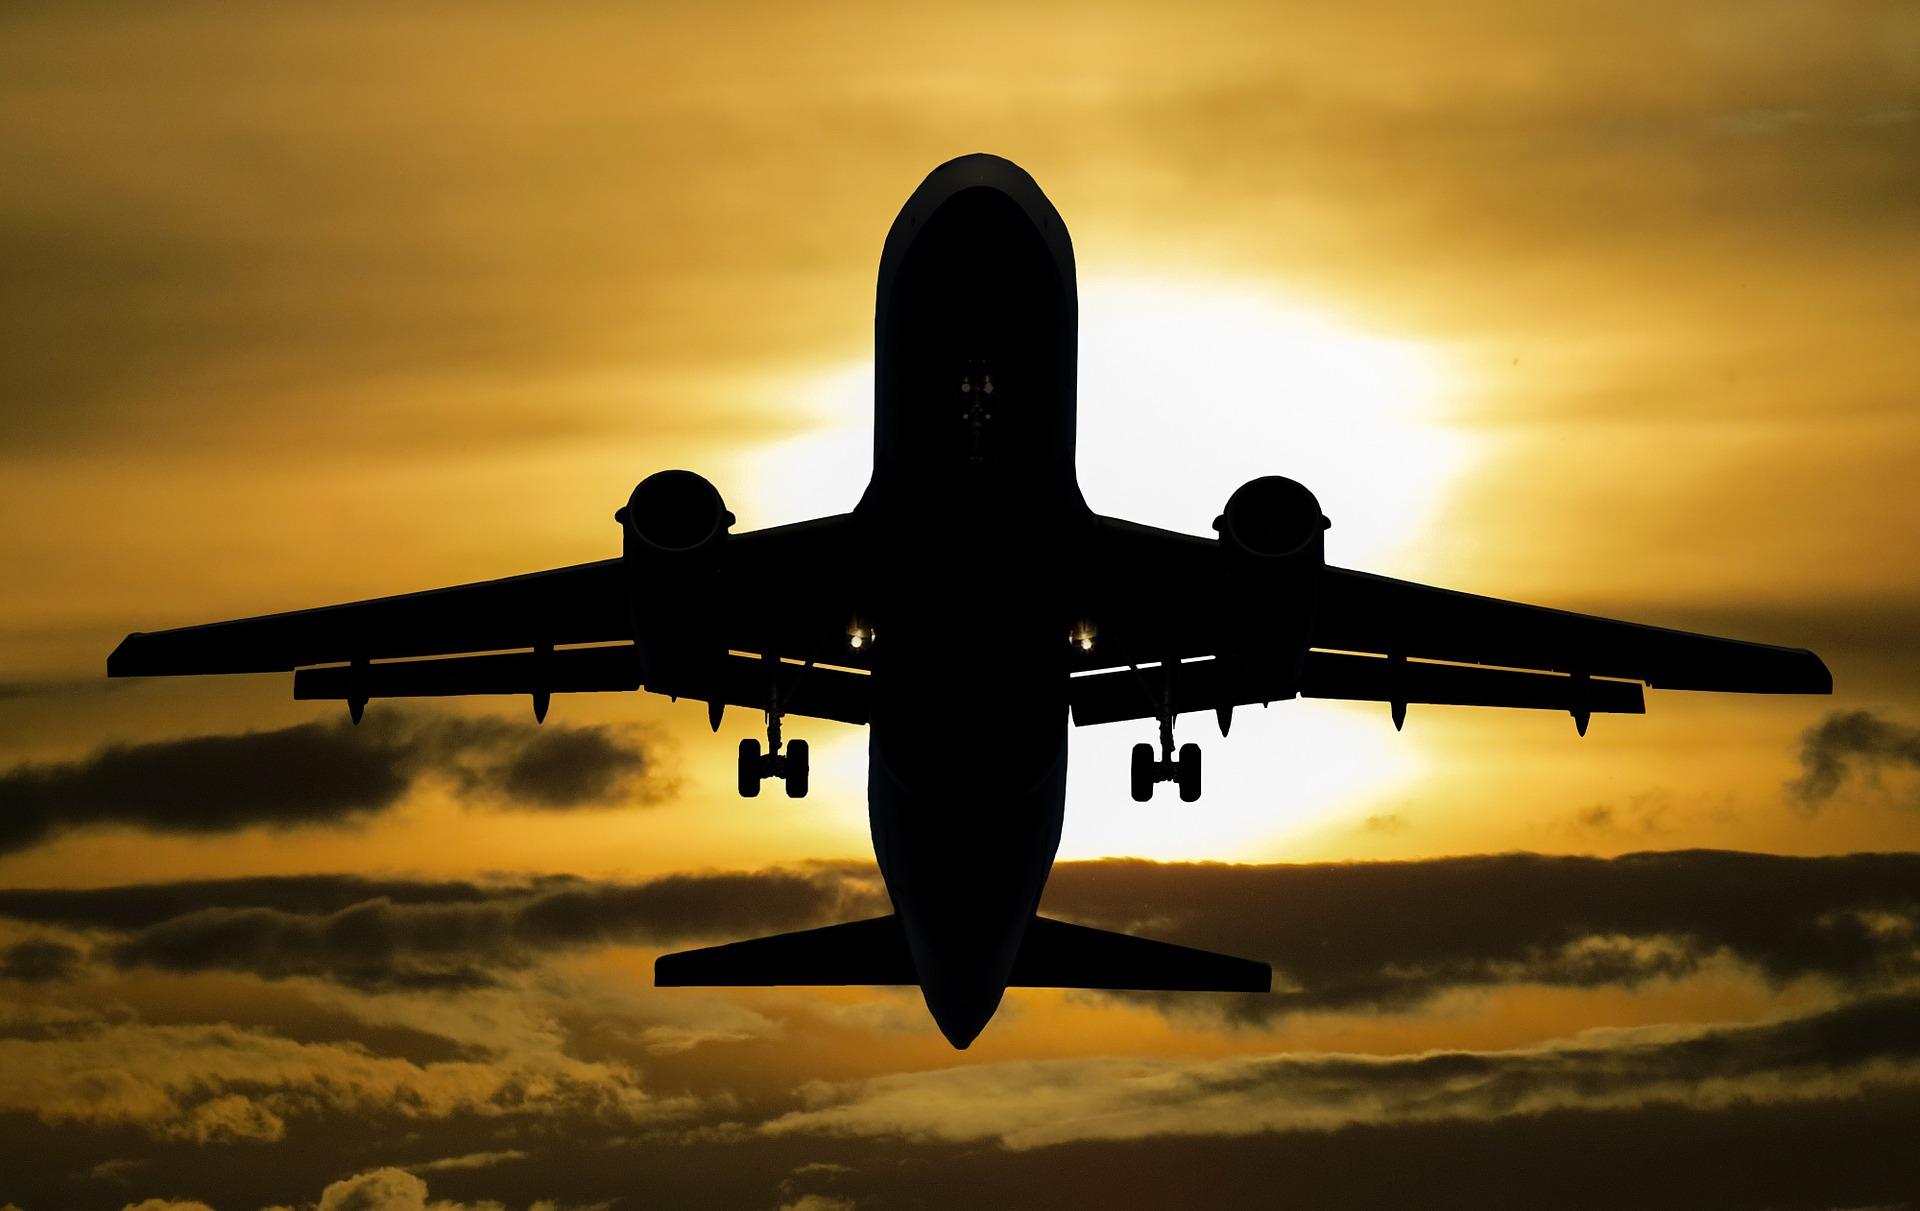 Prawo lotnicze to ustawa definiująca korzystanie z dobra publicznego, jakim jest przestrzeń powietrzna Rzeczpospolitej Polskiej. Dotyczy zwłaszcza lotów pasażerskich, samolotowych, śmigłowcowych. (fot. pixabay.com/domena publiczna)